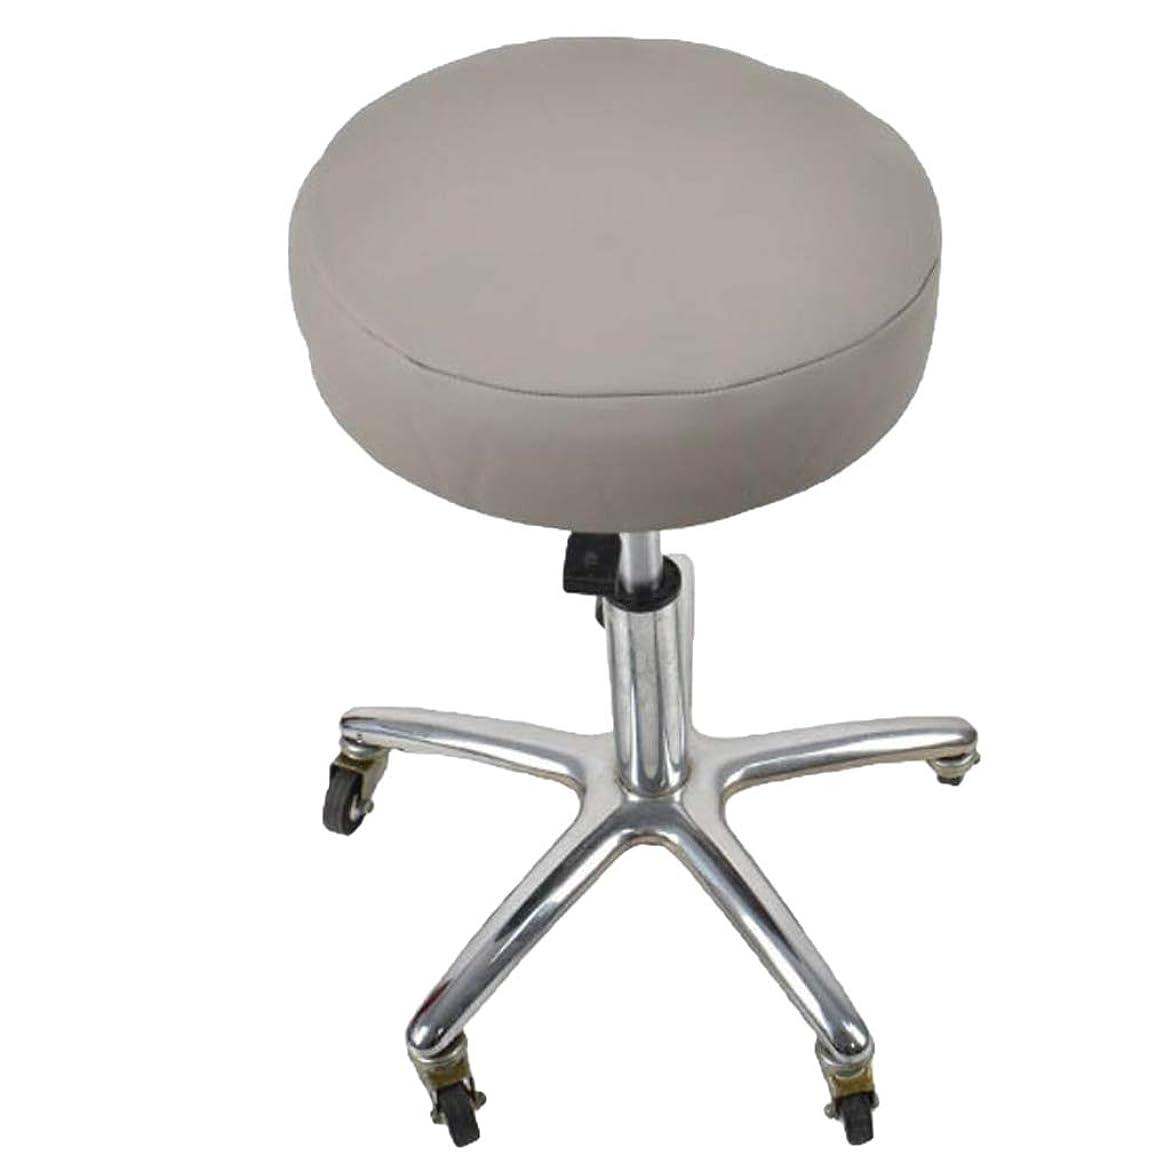 故障浸透する反対したB Blesiya スツールクッション ラウンド 丸椅子カバー 座布団カバー 防水 PVC製 取り付け簡単 全6色 - グレー